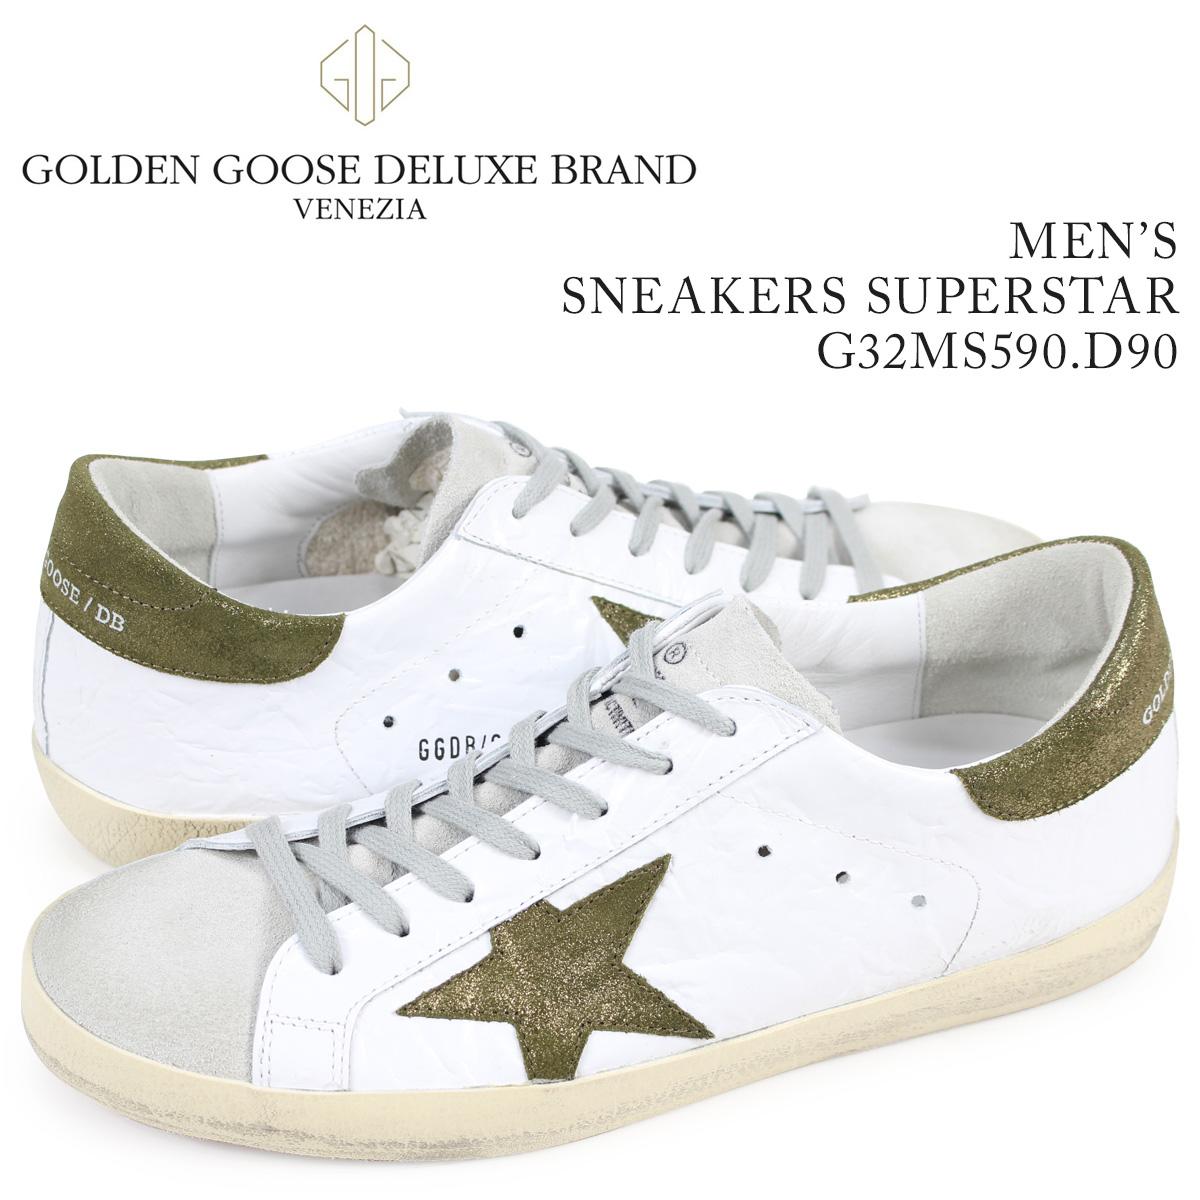 ゴールデングース Golden Goose スニーカー メンズ スーパースター SNEAKERS SUPERSTAR ホワイト G32MS590 E52 【決算セール 返品不可】